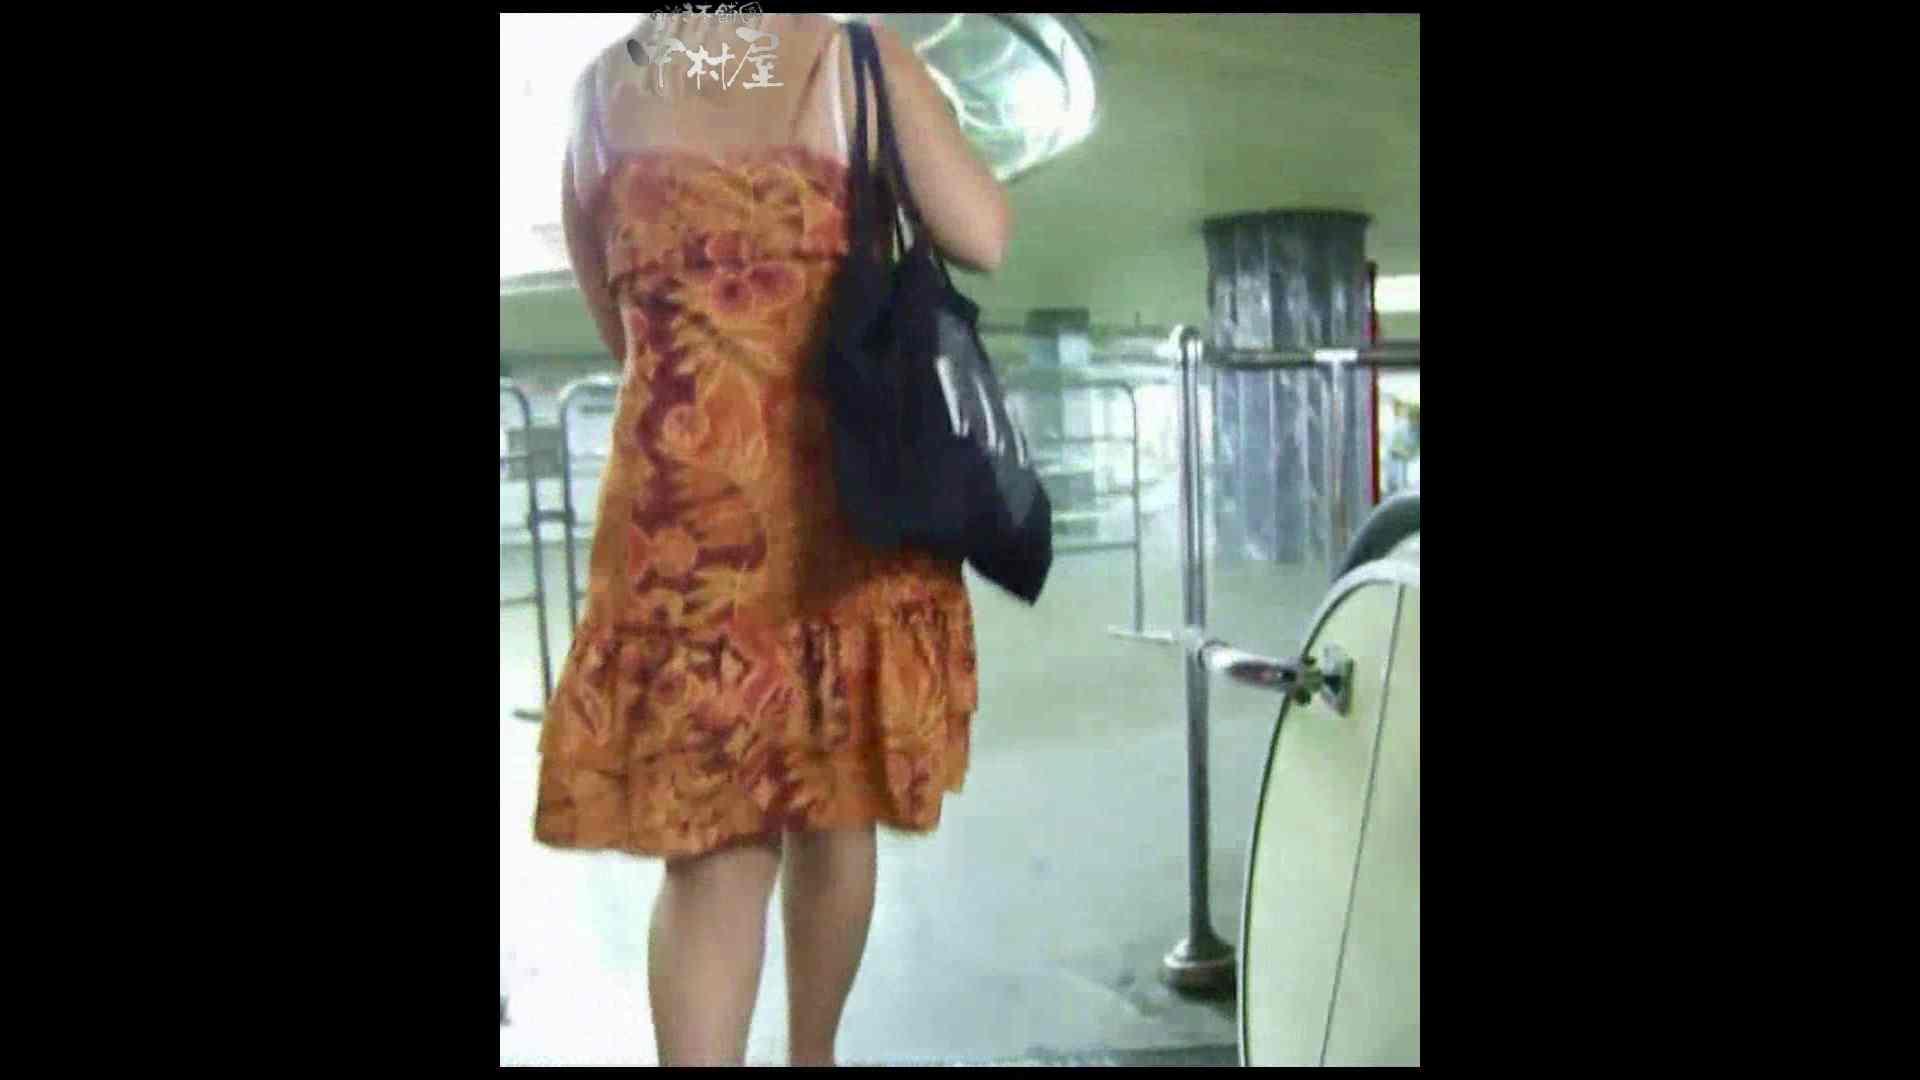 綺麗なモデルさんのスカート捲っちゃおう‼ vol13 OLハメ撮り  45Pix 45